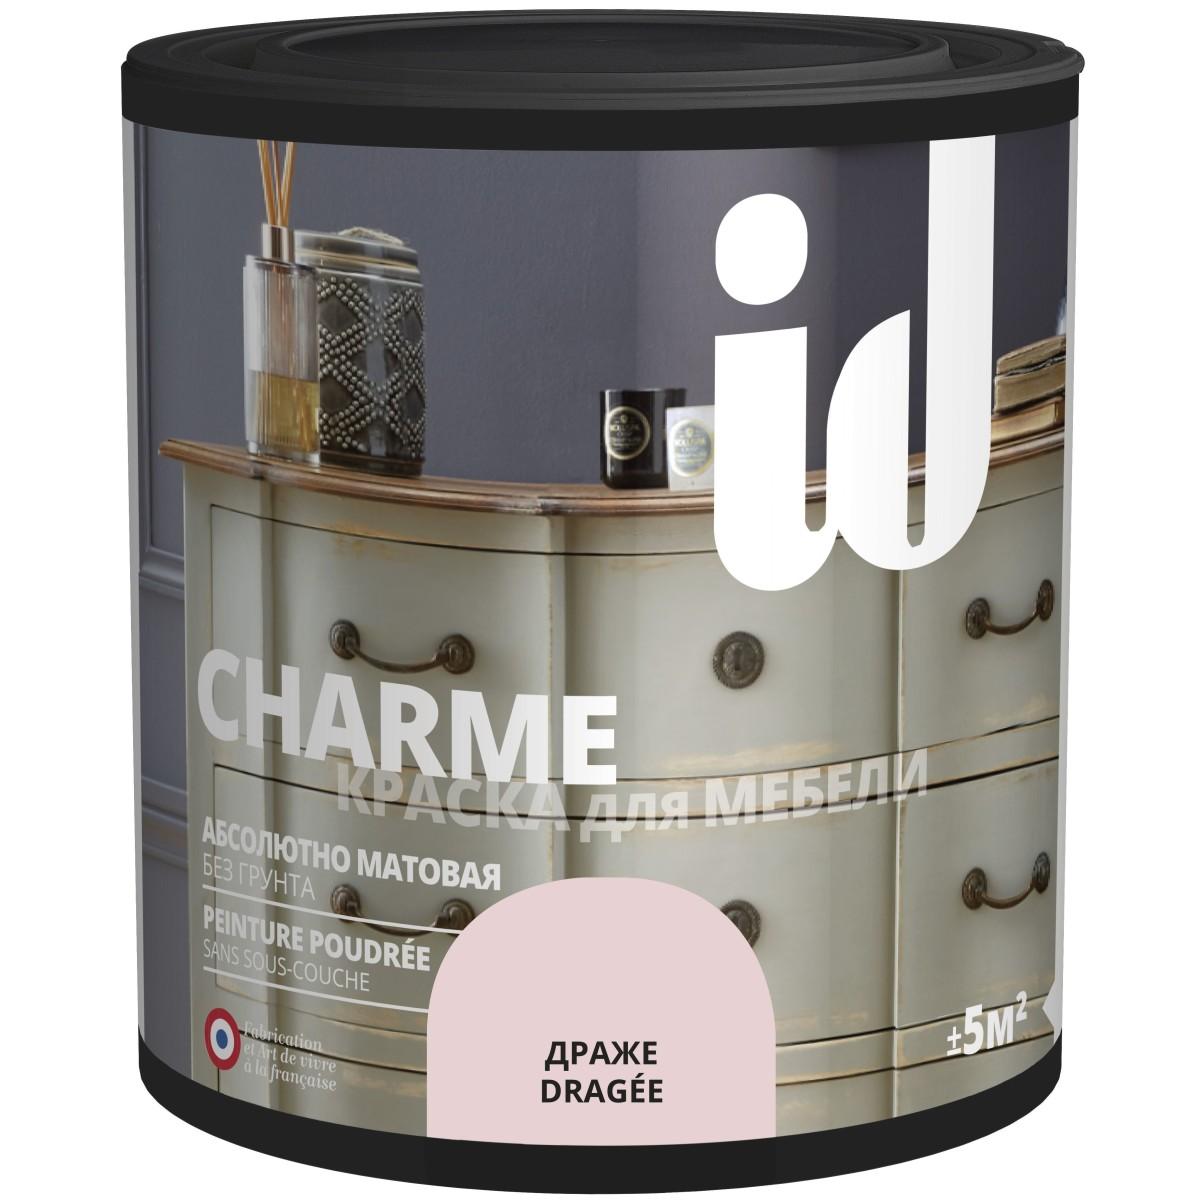 Краска для мебели ID Charme цвет драже 0.5 л